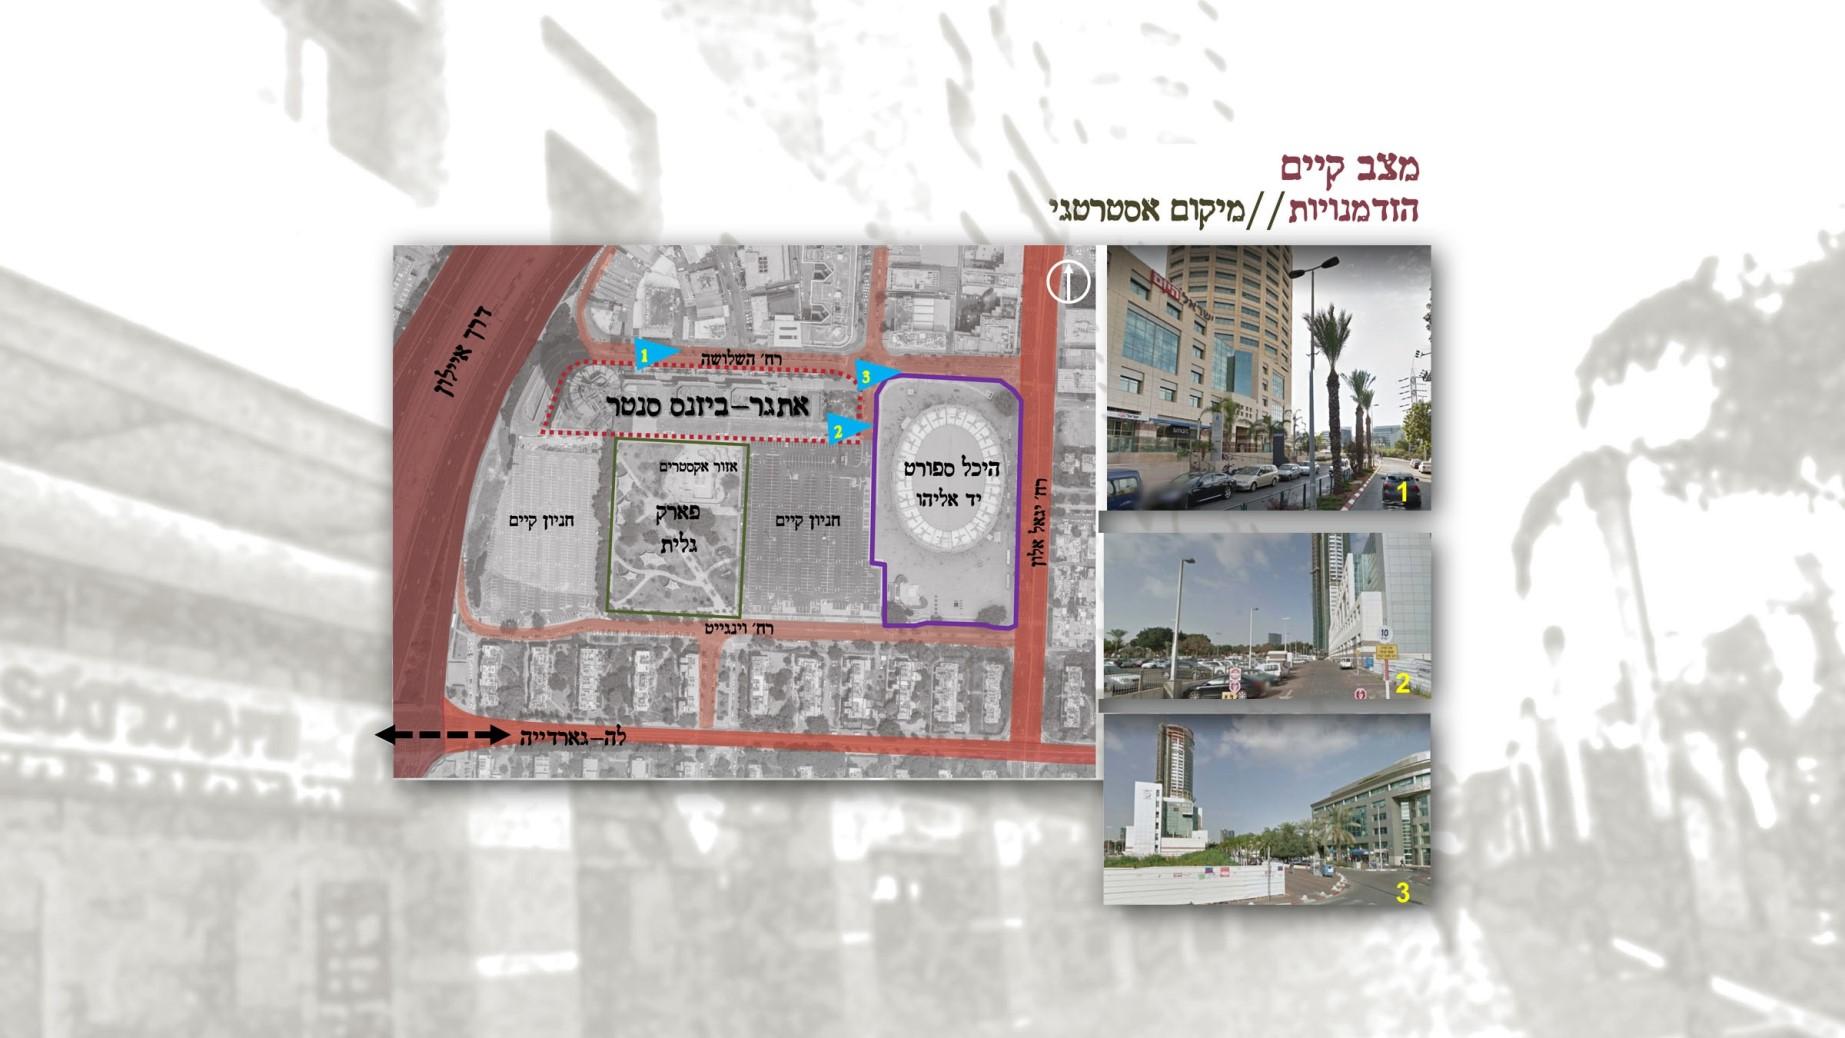 אדגר איילון סנטר תל אביב 2007